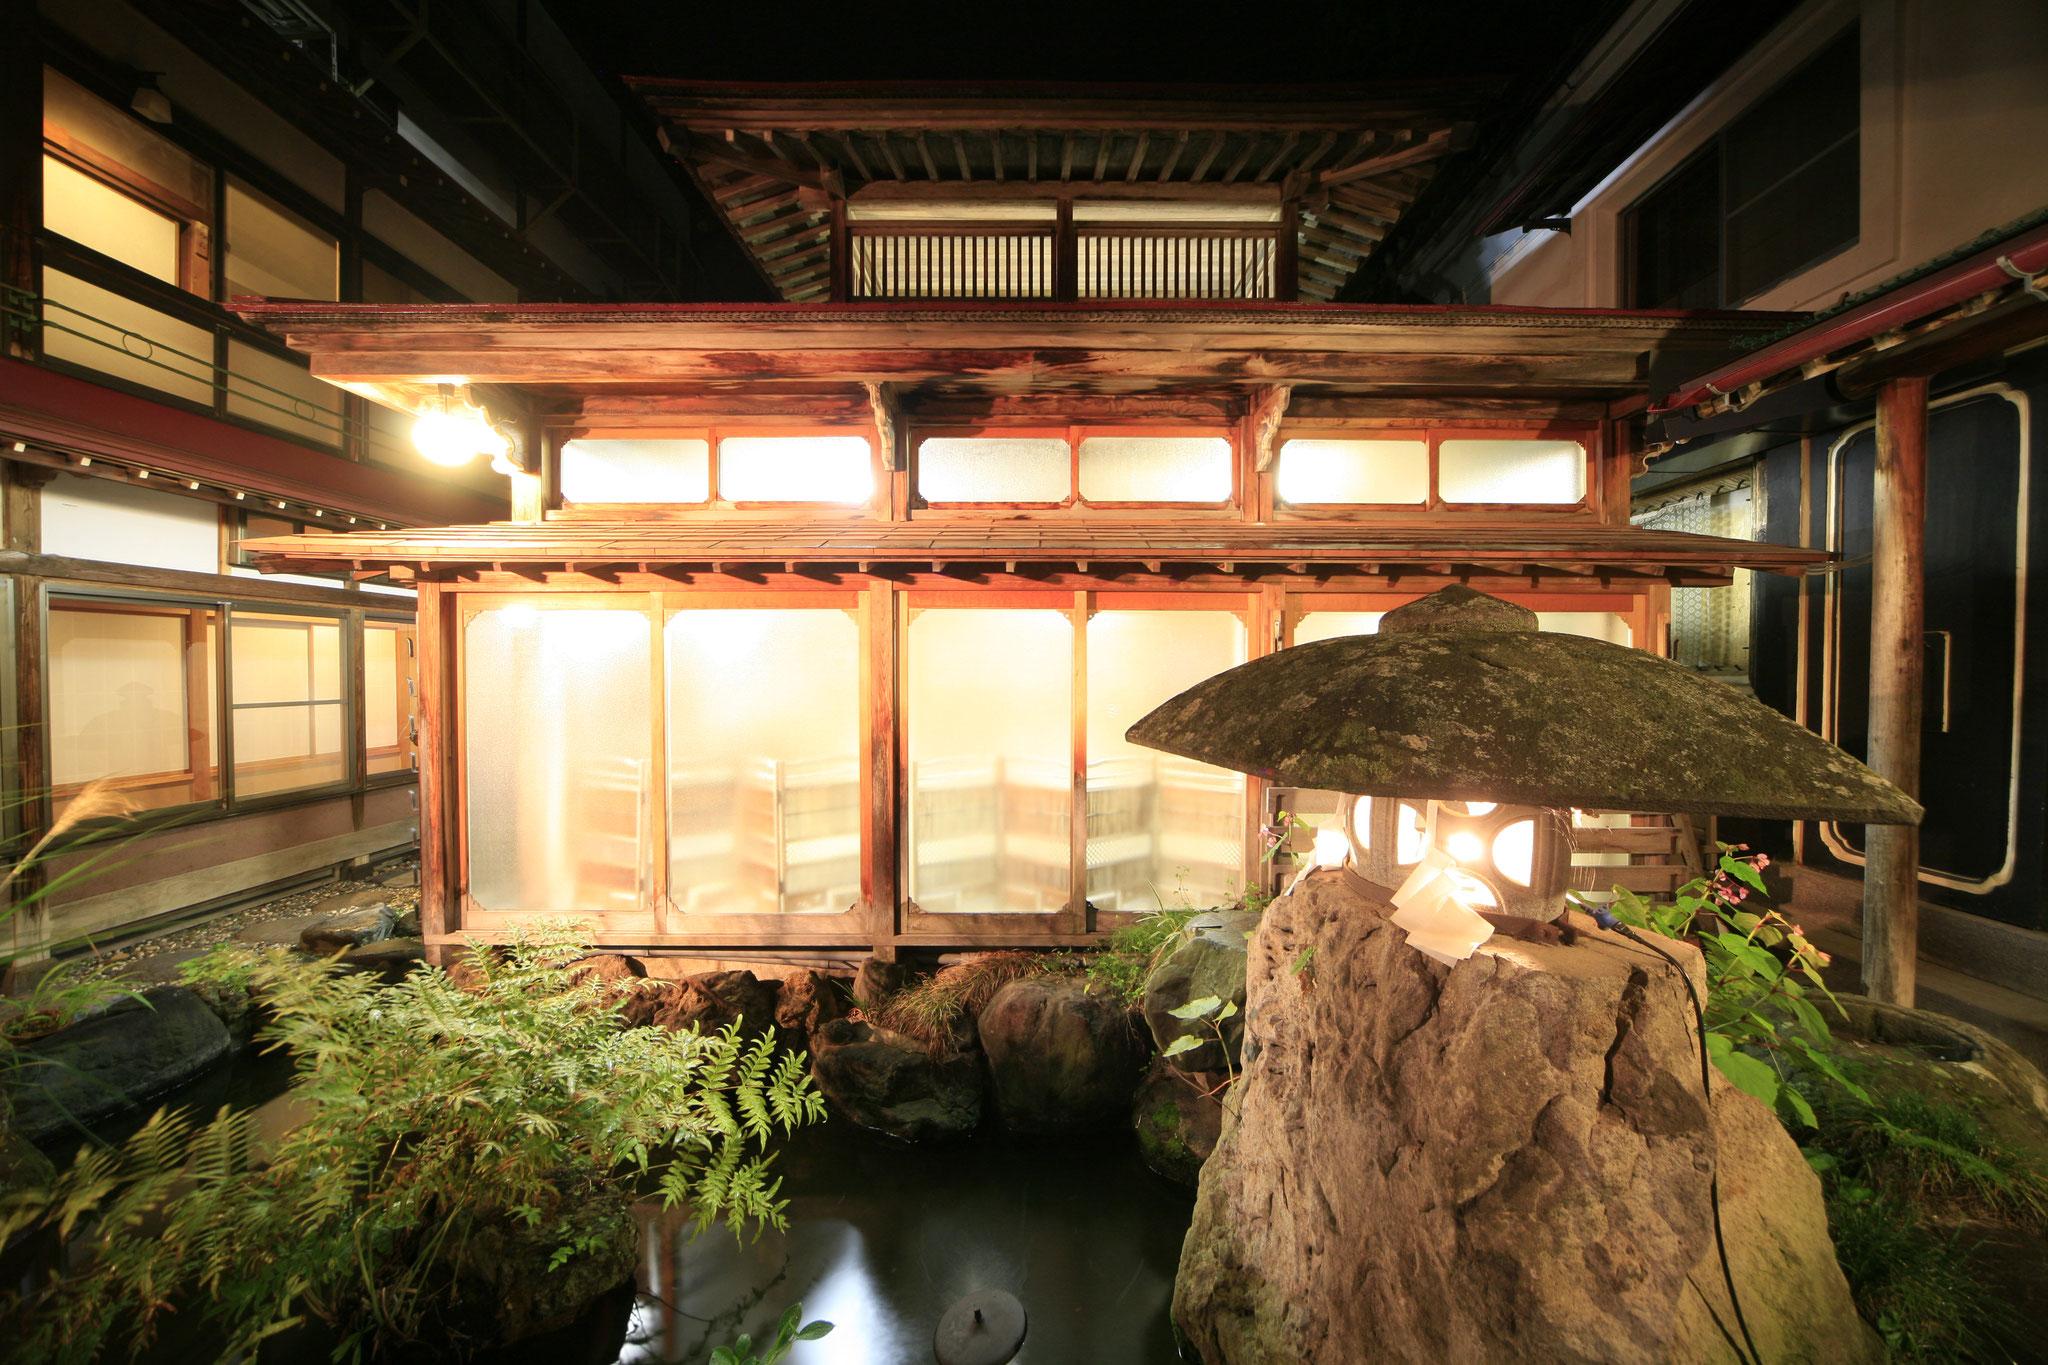 平安風呂は、湯屋建築と呼ばれる、典型的な木造の温泉のお風呂の  造りになっています。